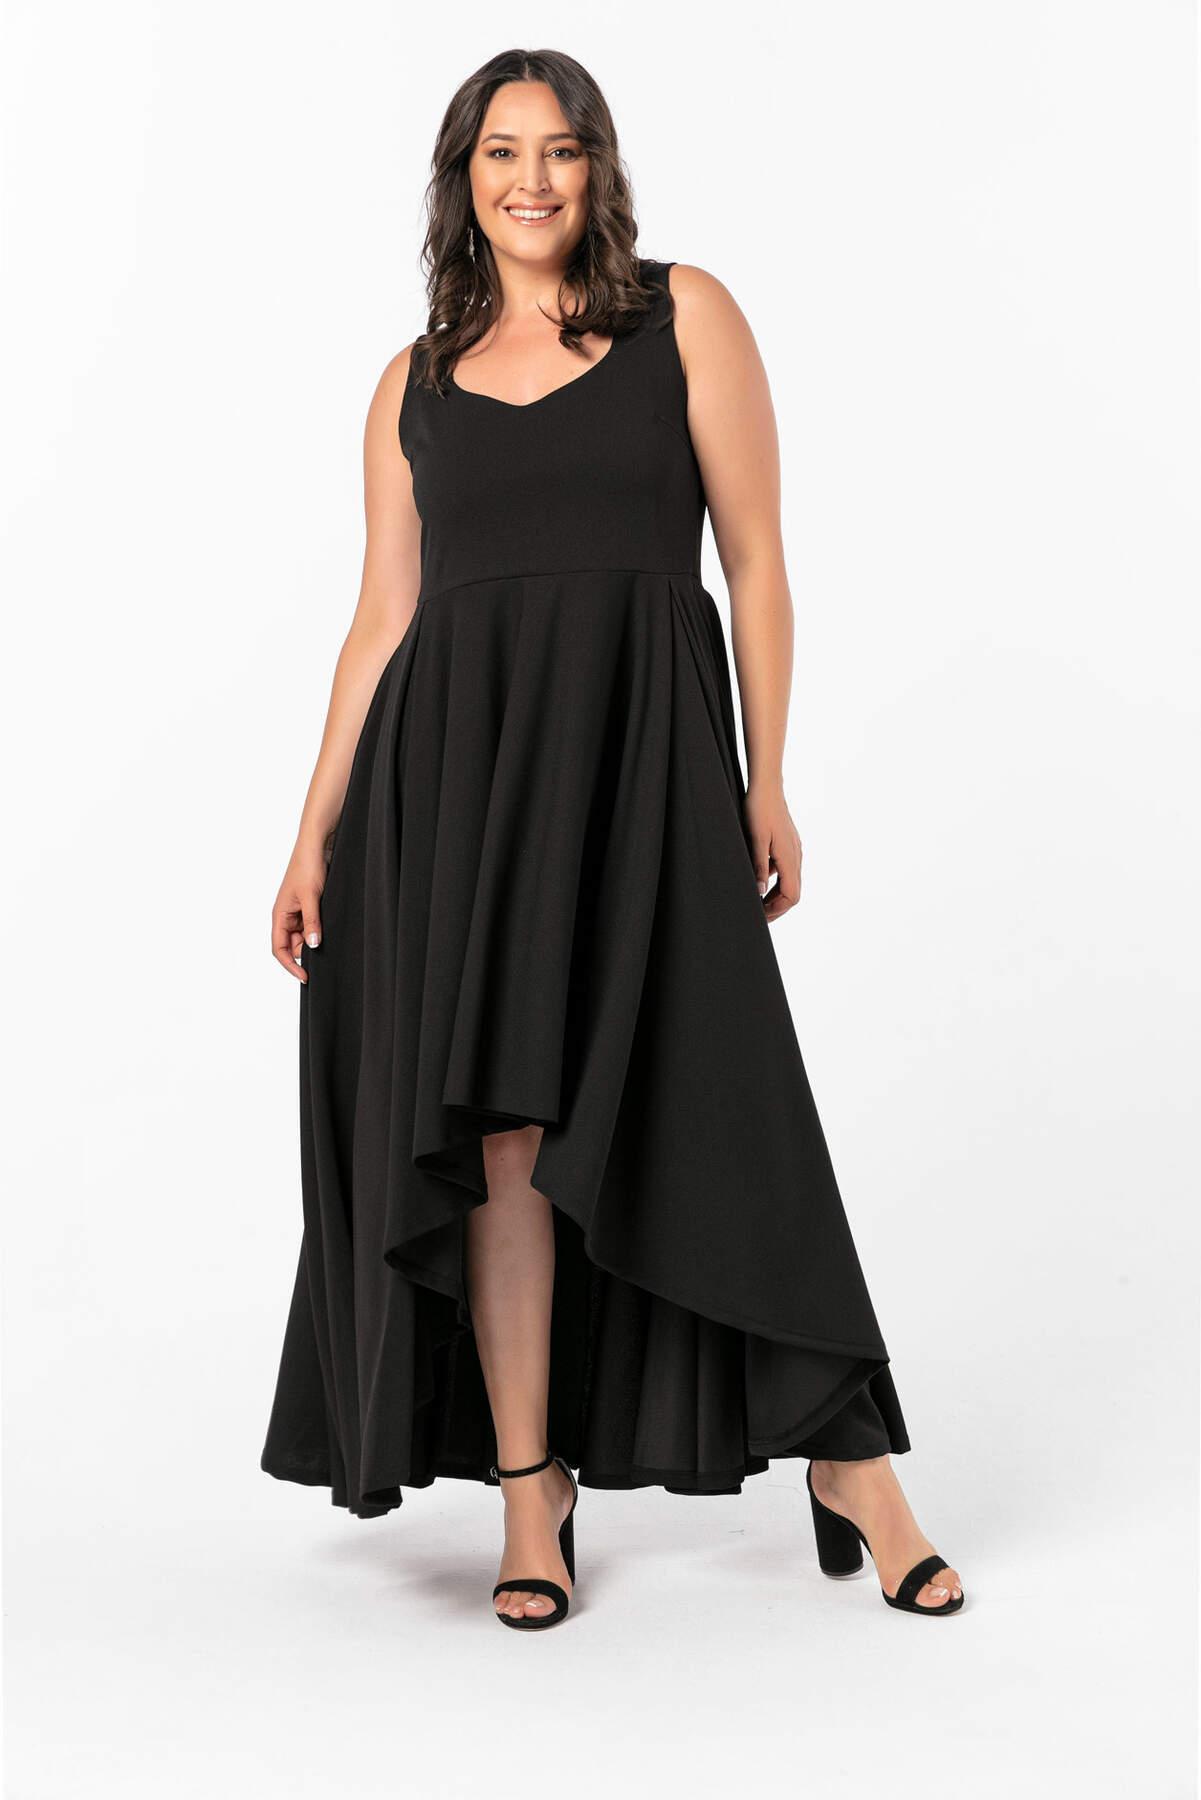 Angelino Büyük Beden Önü Kısa Arkası Uzun Prenses Elbisesi NV4009-9